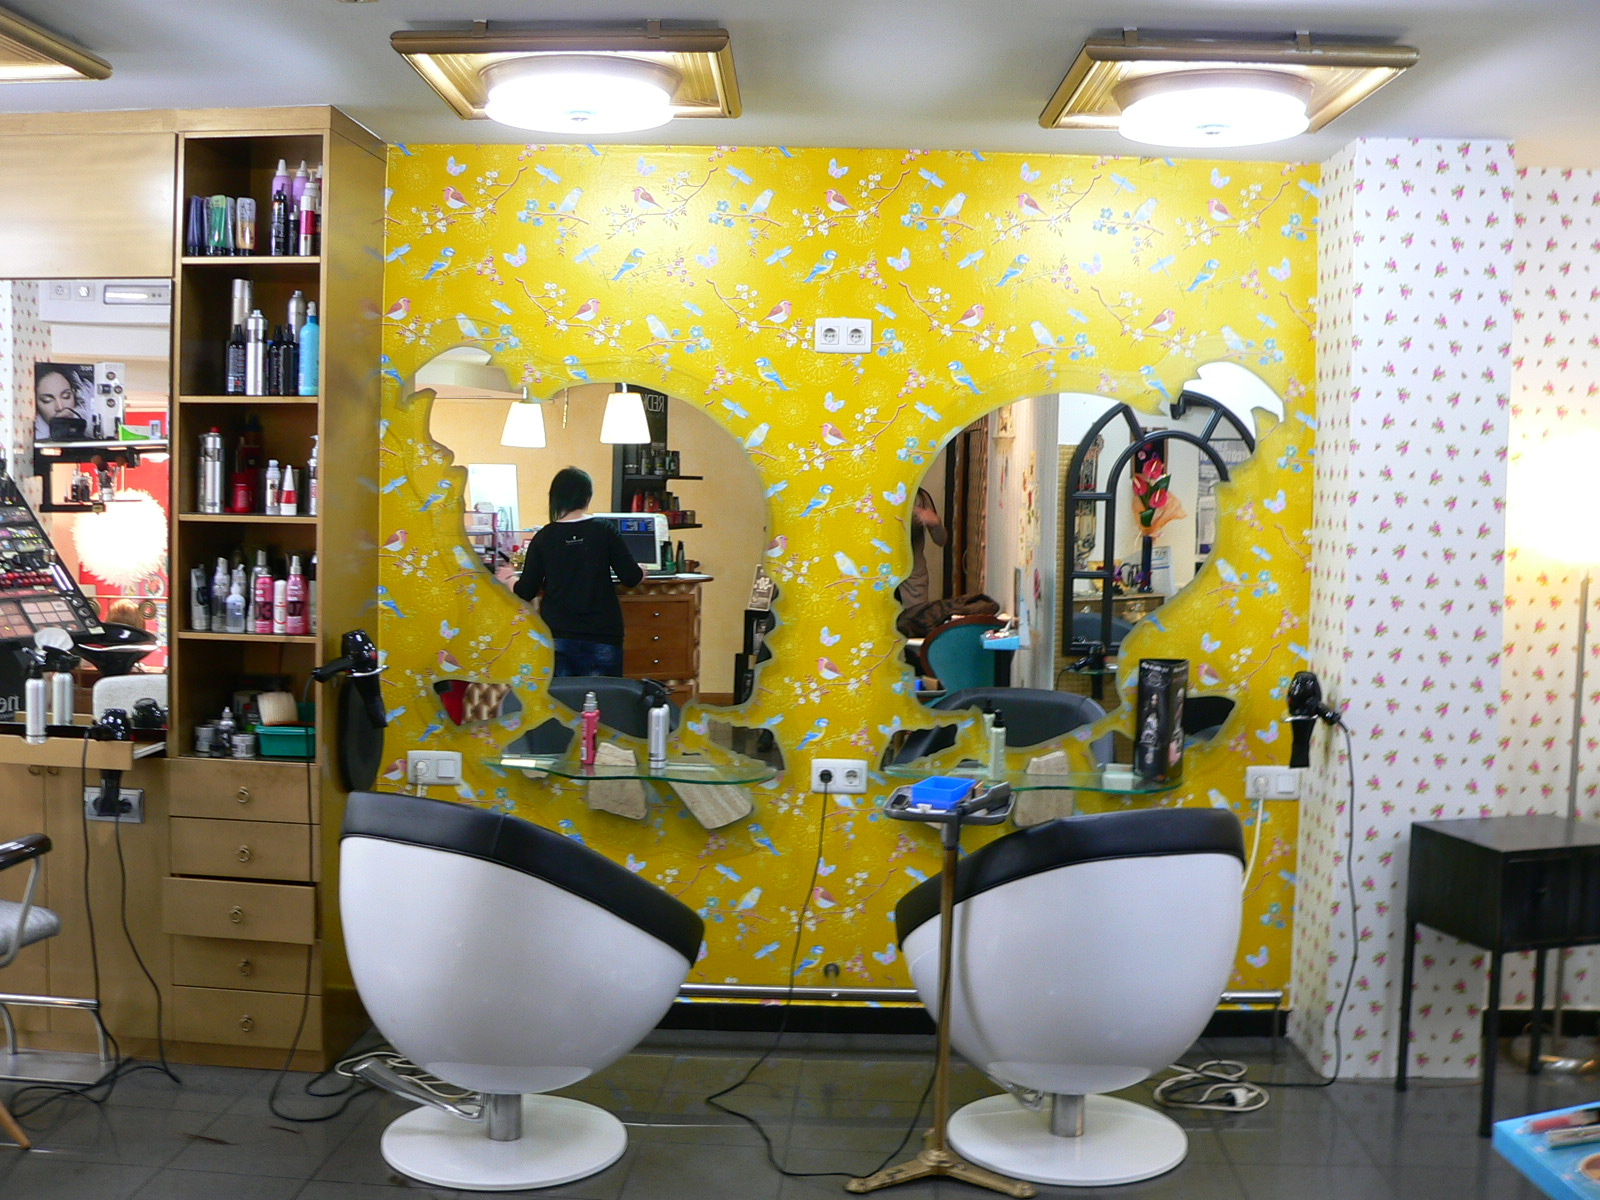 Peluquer a etnia filigrana urbana - Decoracion para peluqueria ...